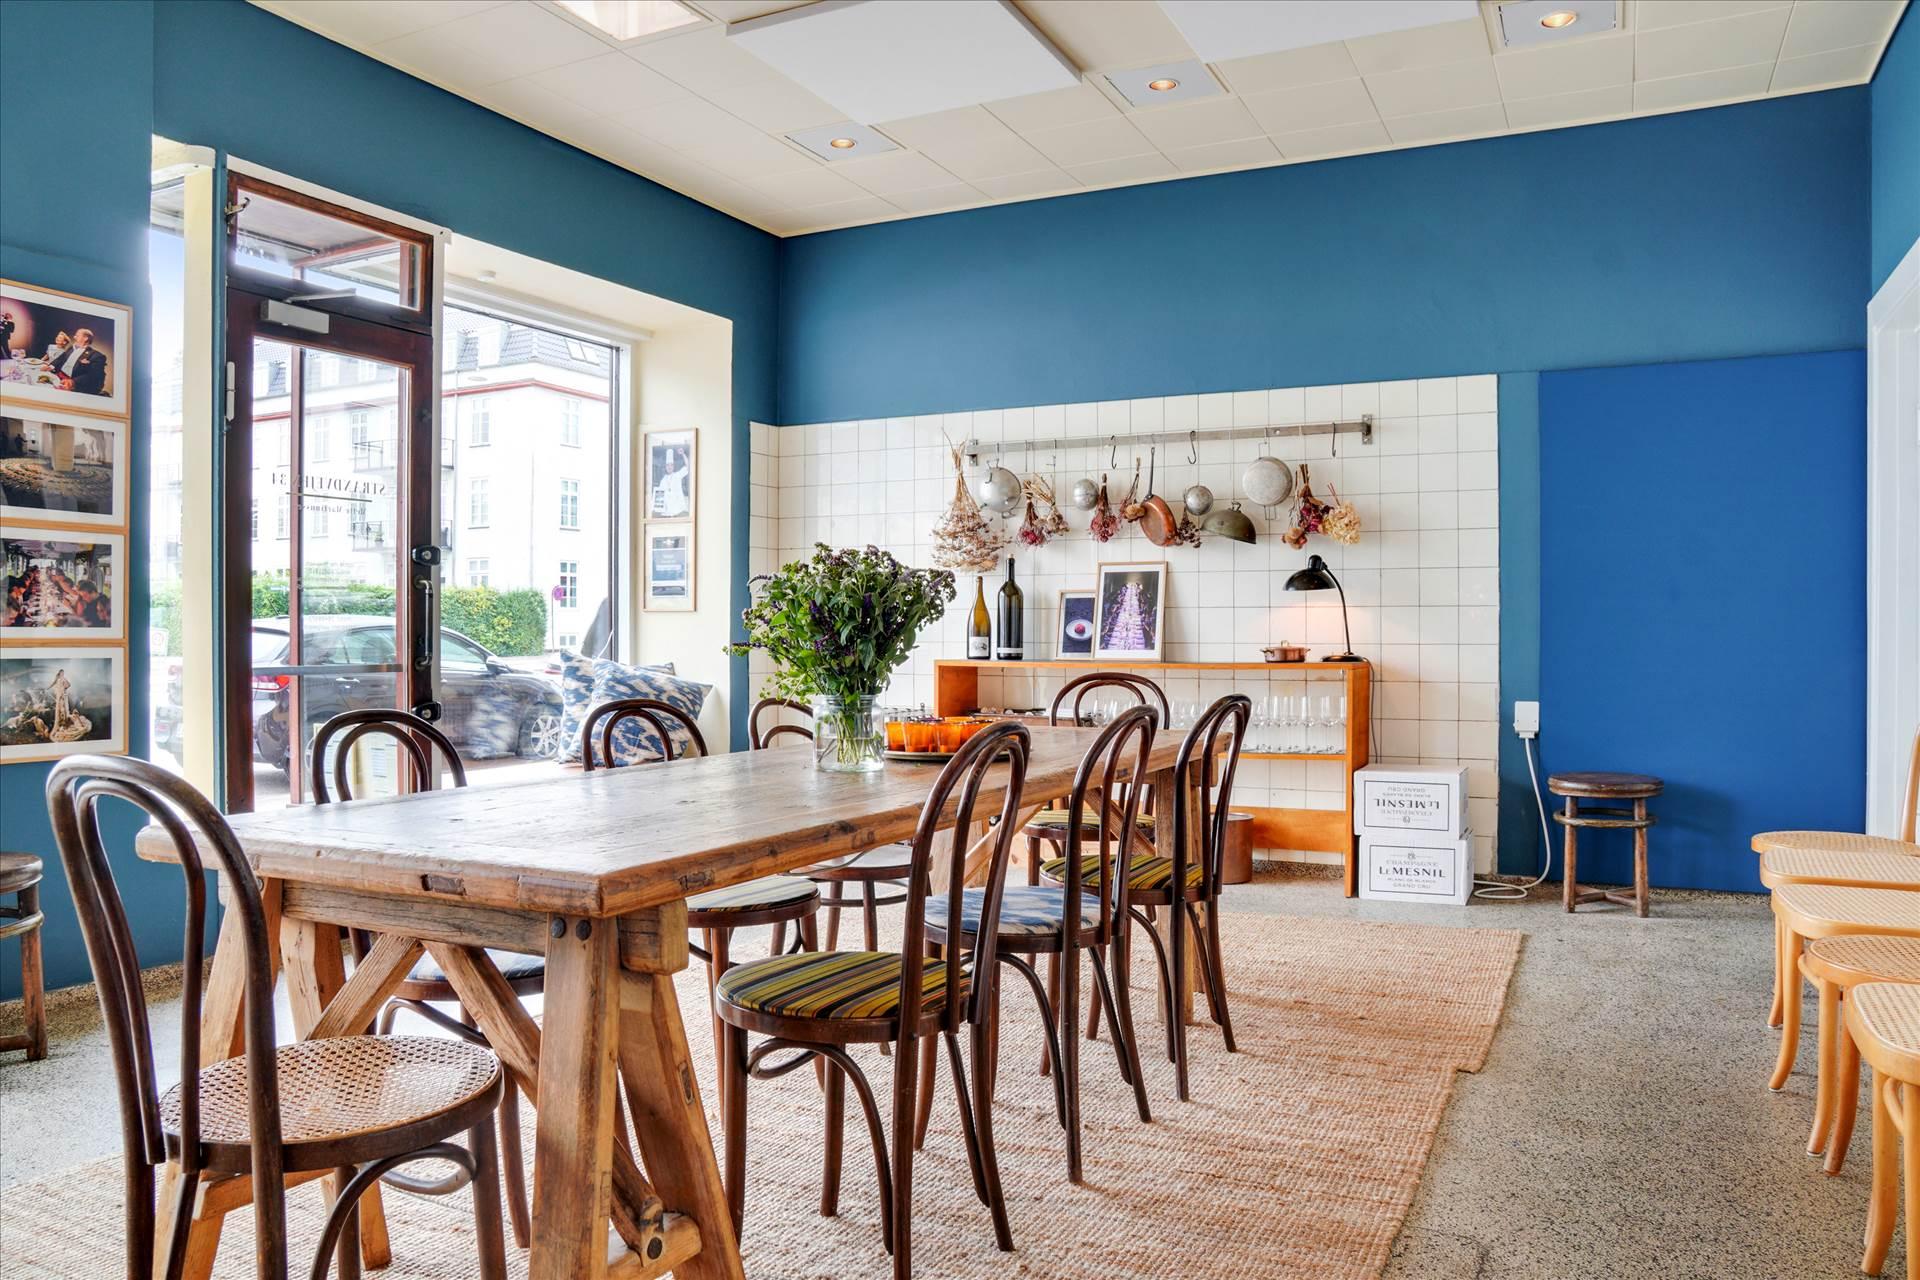 128 m² catering til salg • Tuborg Havn